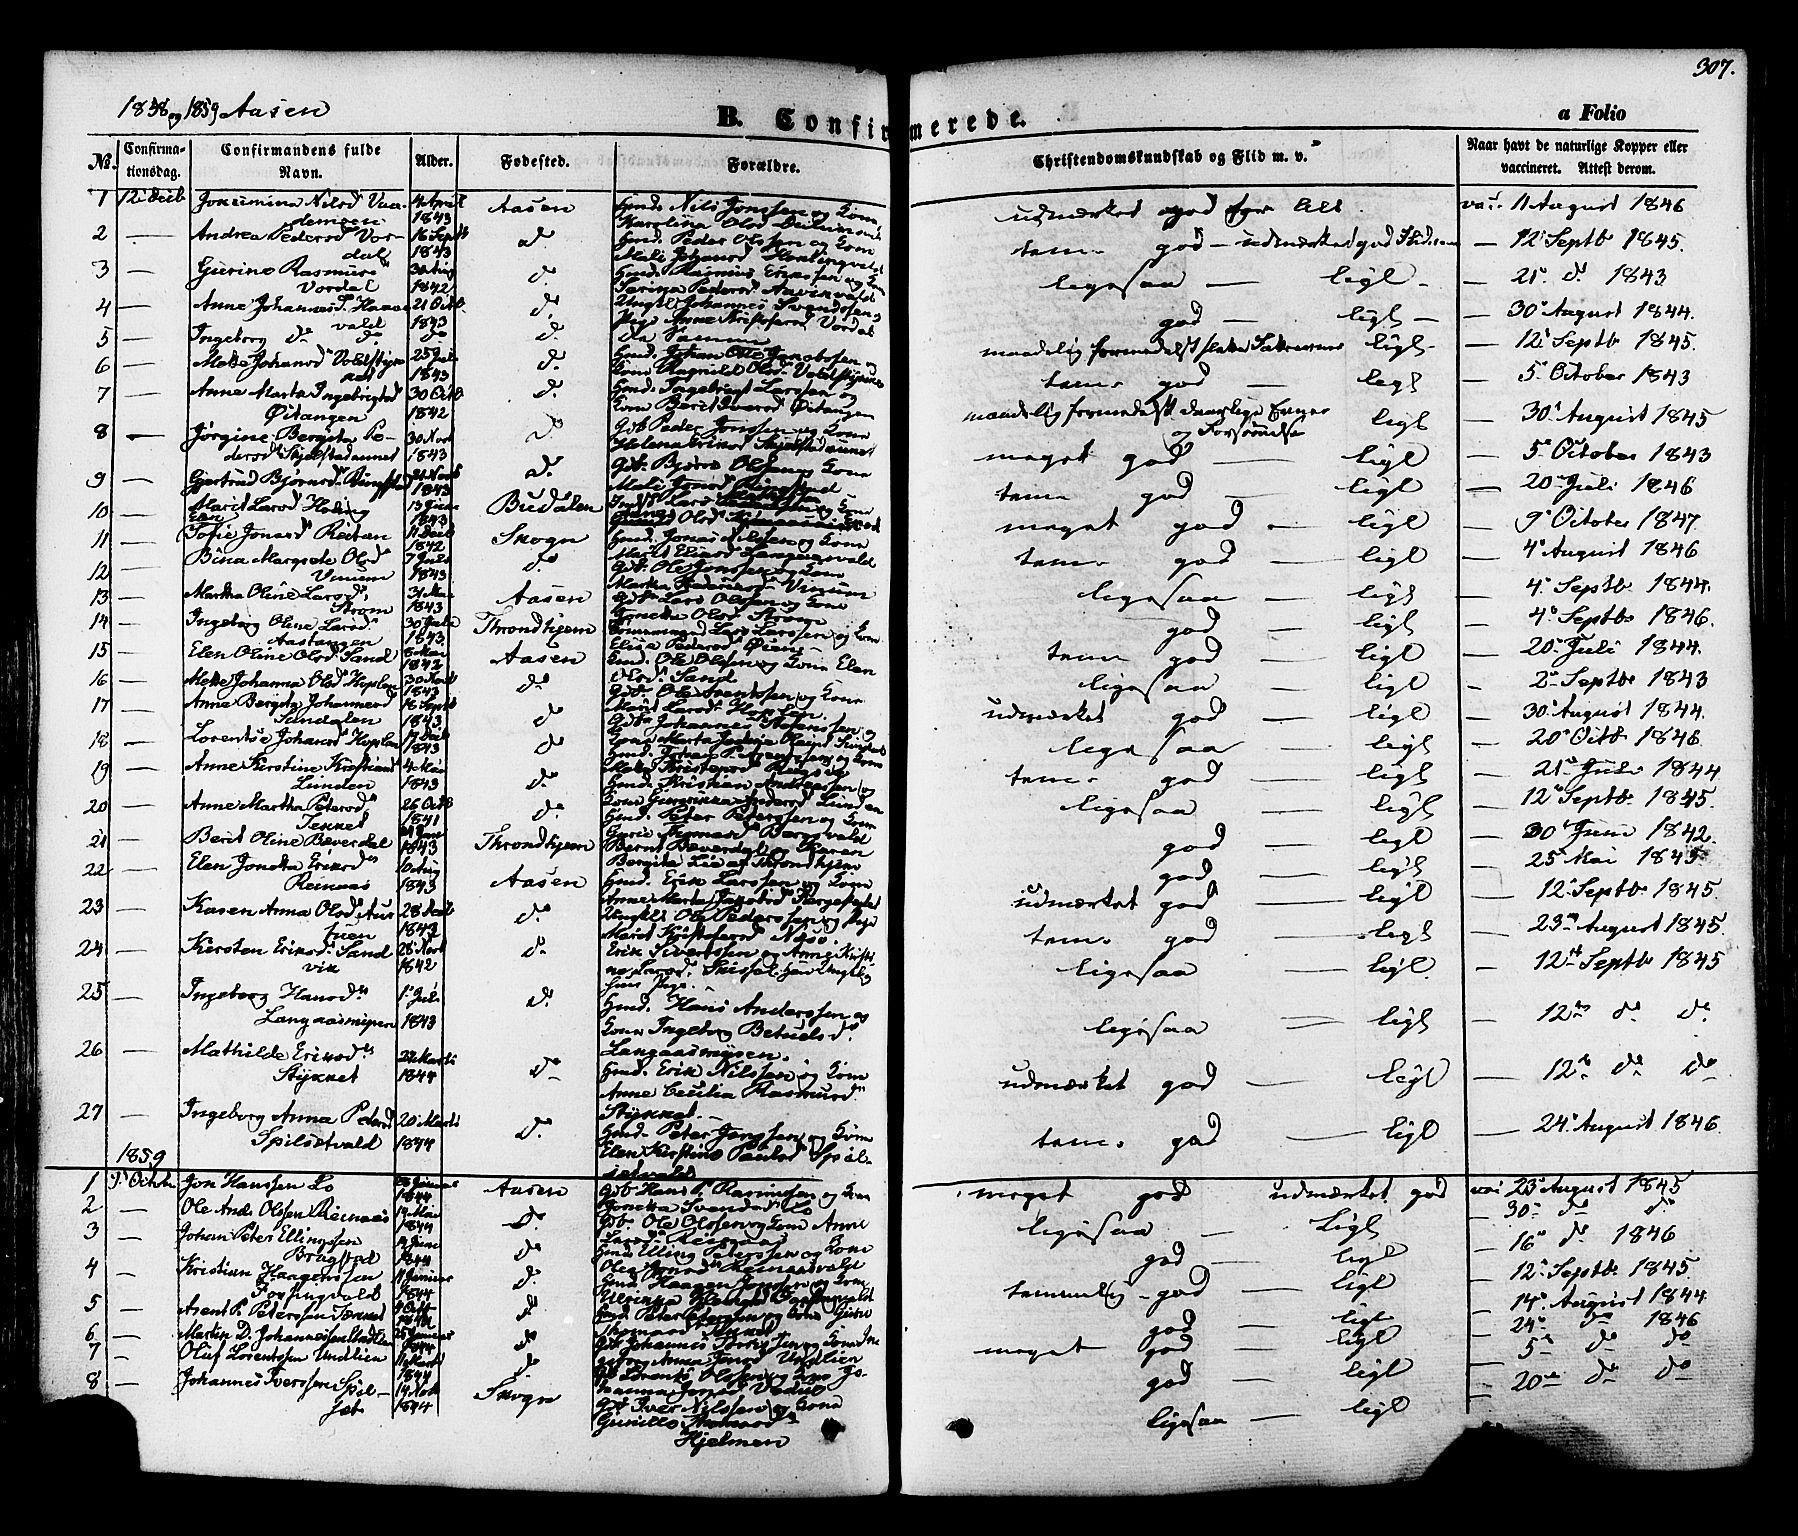 SAT, Ministerialprotokoller, klokkerbøker og fødselsregistre - Nord-Trøndelag, 713/L0116: Ministerialbok nr. 713A07, 1850-1877, s. 307